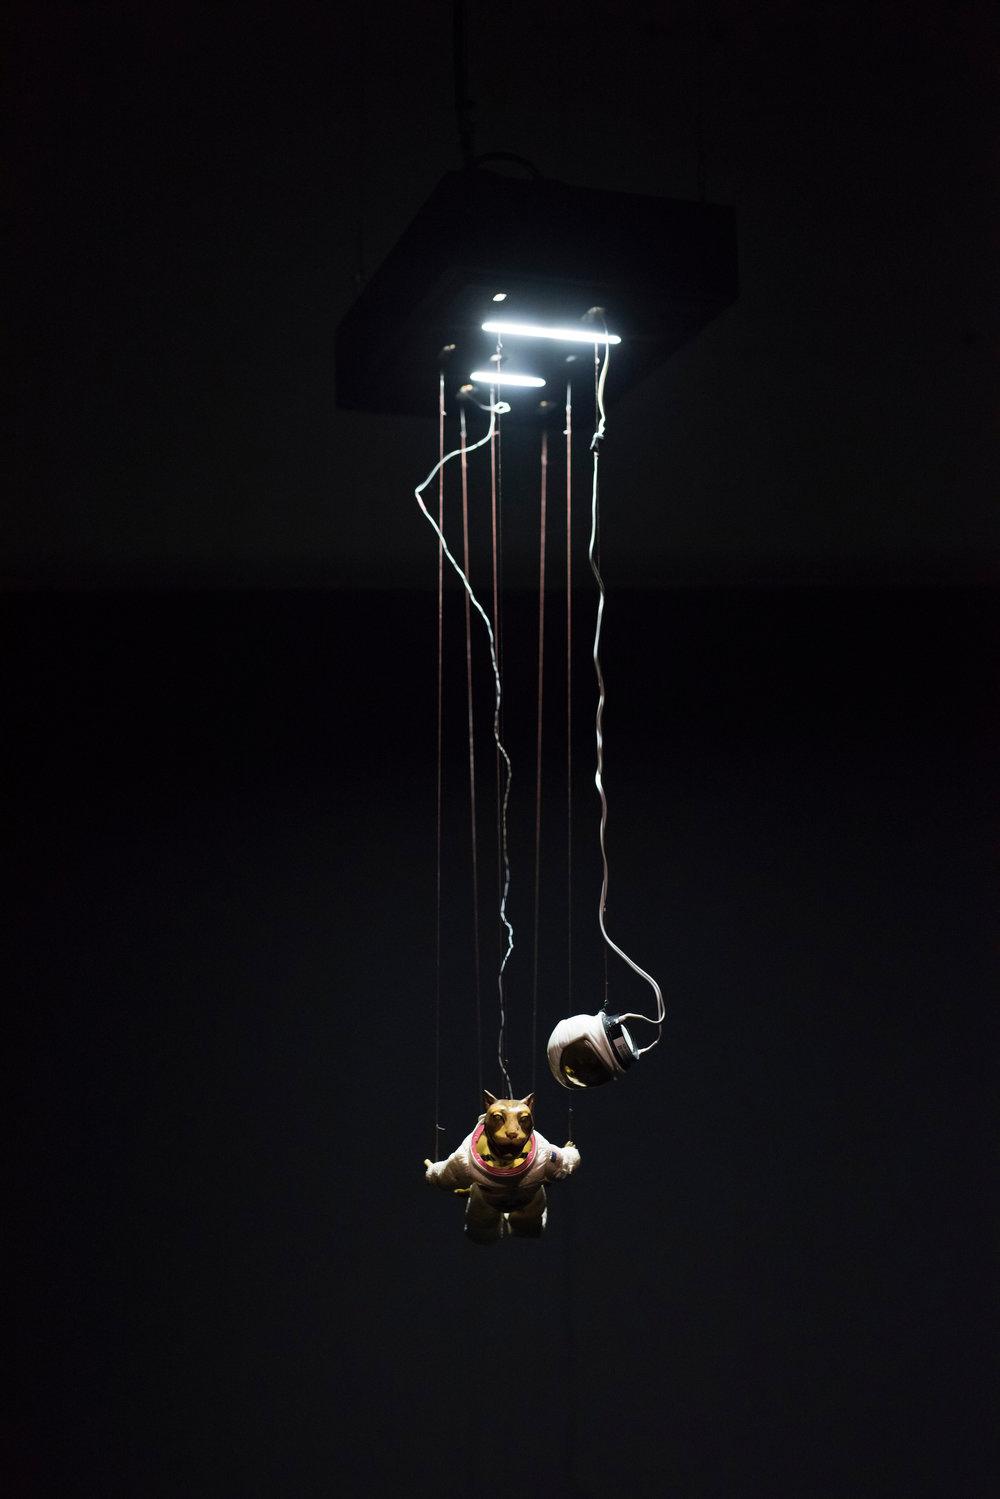 """Nicolas Darrot, """"Apollo"""", matériaux divers et servomoteurs, dispositif sonore, 30 x 70 x 45 cm, 2017."""